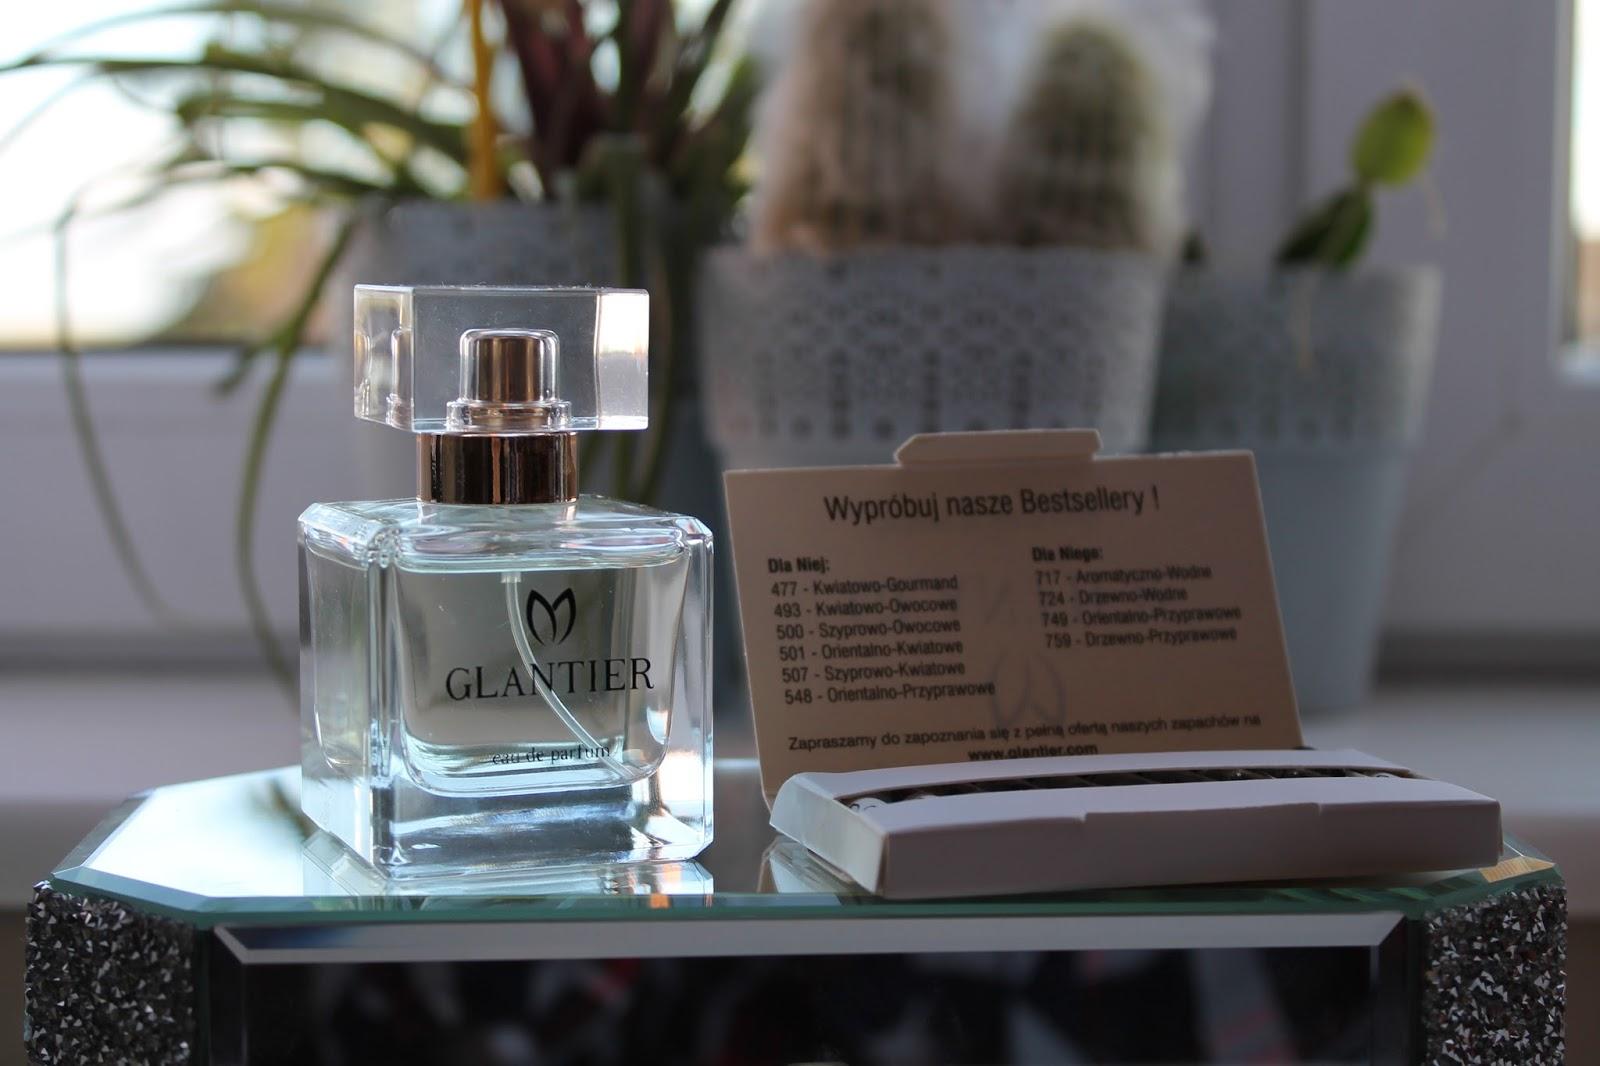 Glantier || Odpowiedniki najpiękniejszych perfum